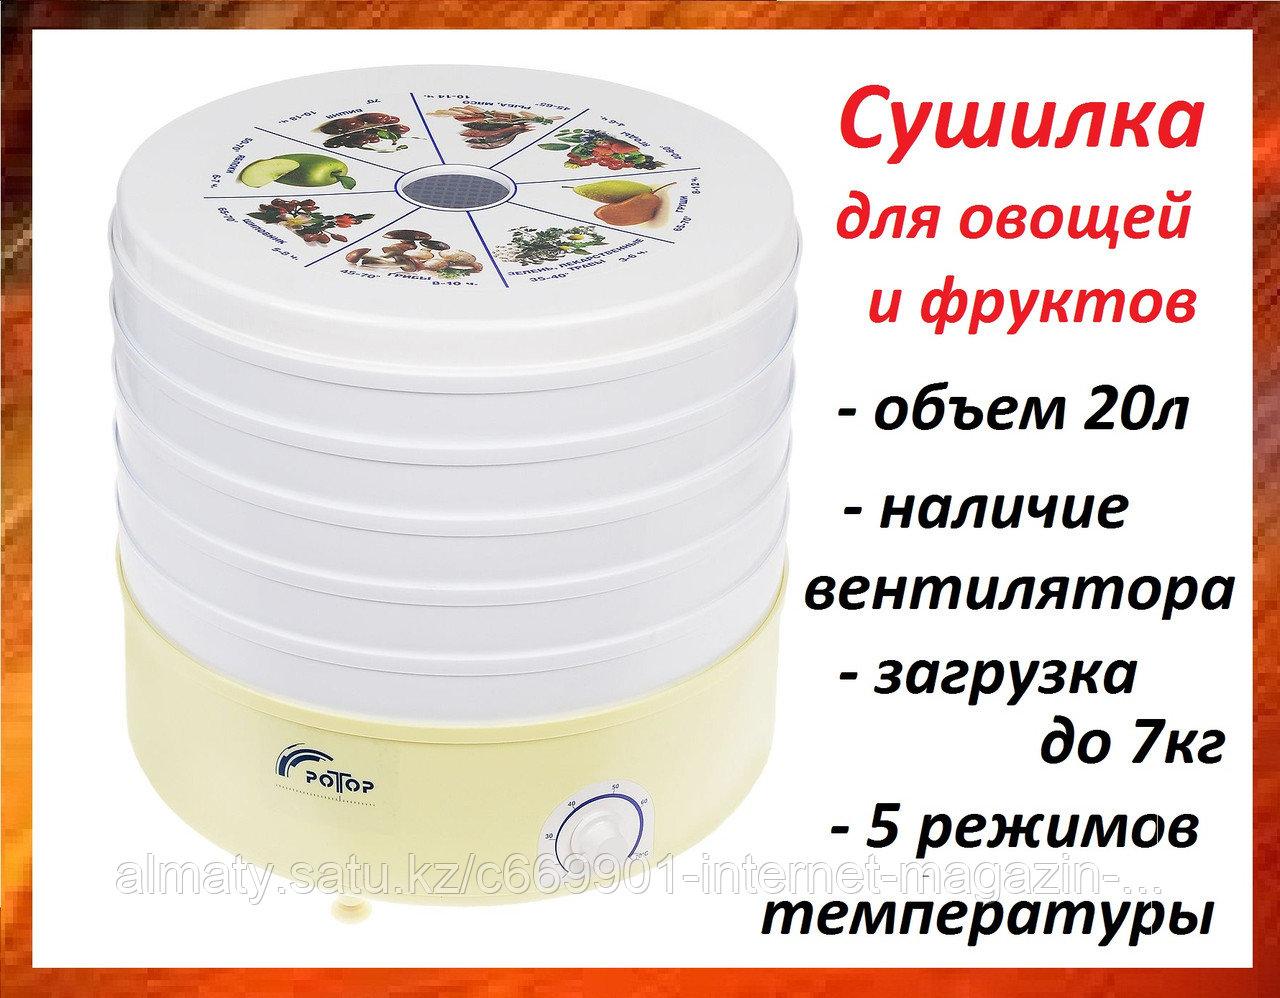 Сушилка для овощей и фруктов РОТОР